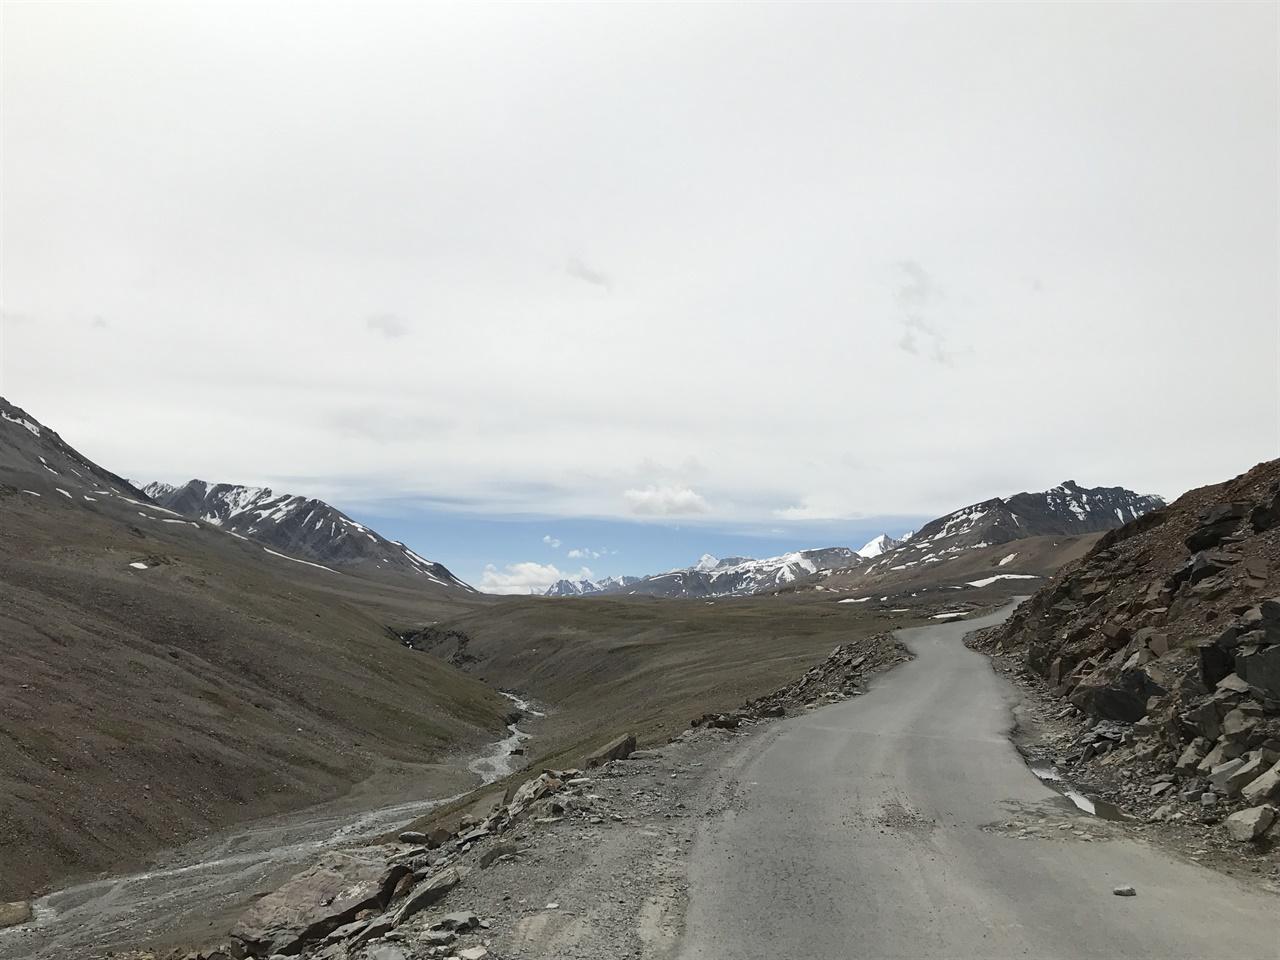 절벽 옆으로 이어진 도로